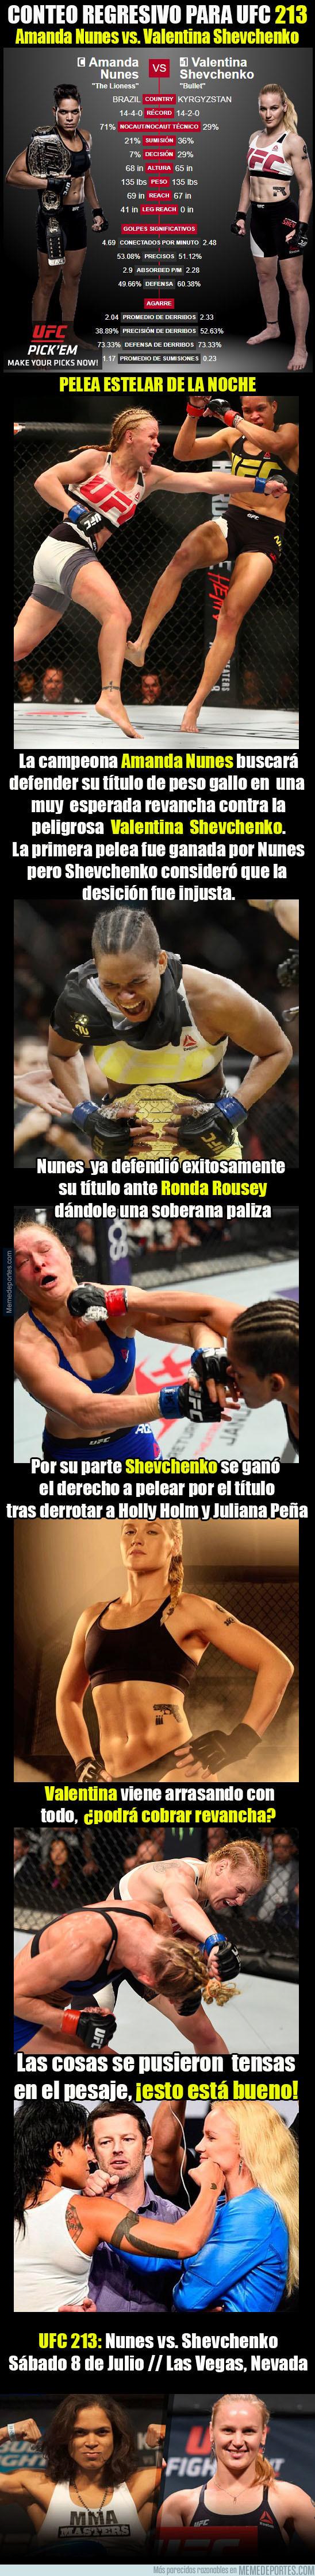 985952 - UFC 213: Amanda Nunes vs. Valentina Shevchenko